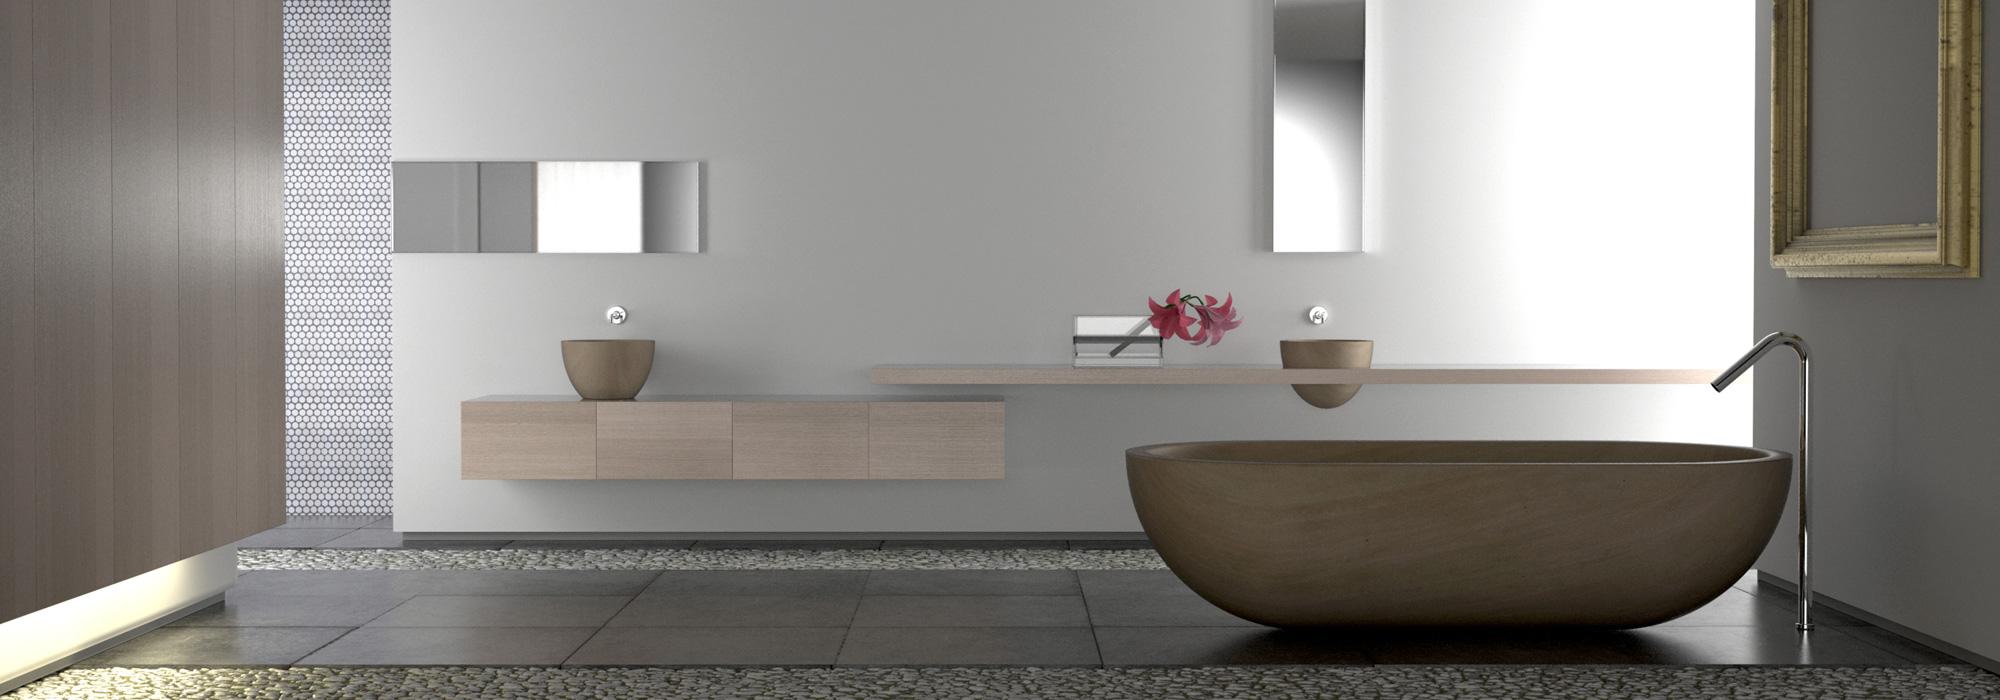 Unser Leistungsspektrum für Ihr neues Badezimmer